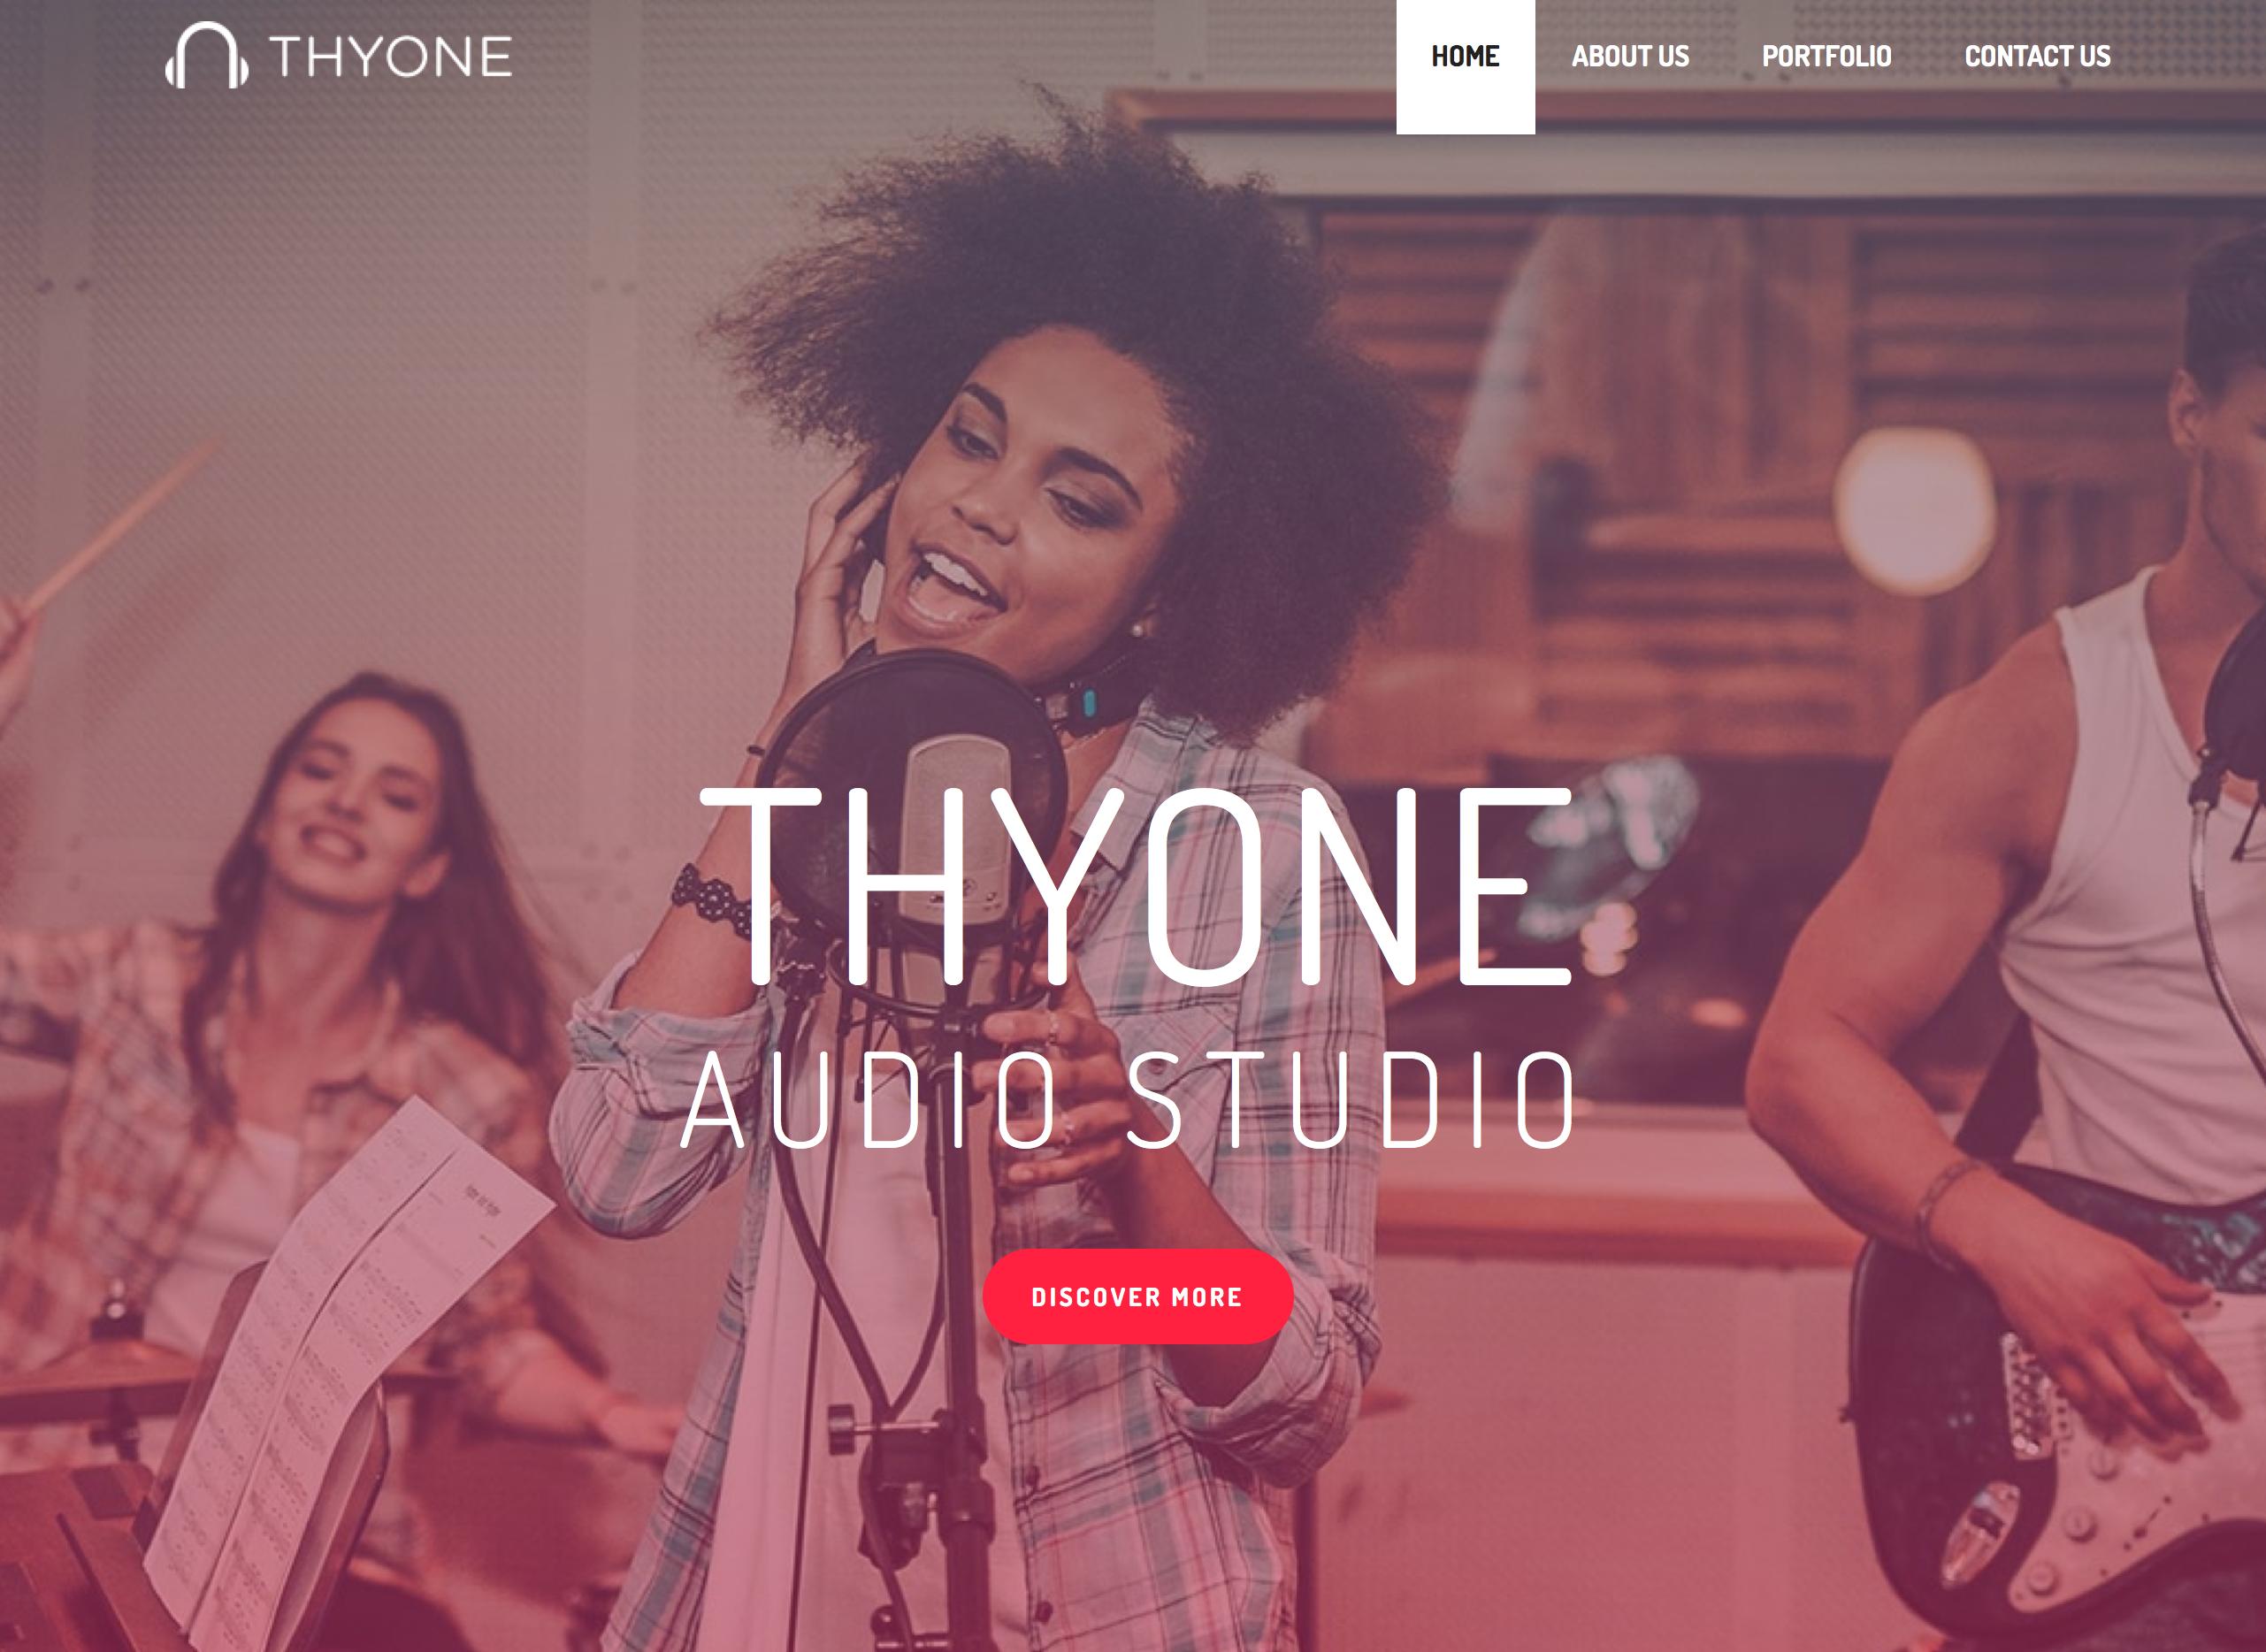 Thyone